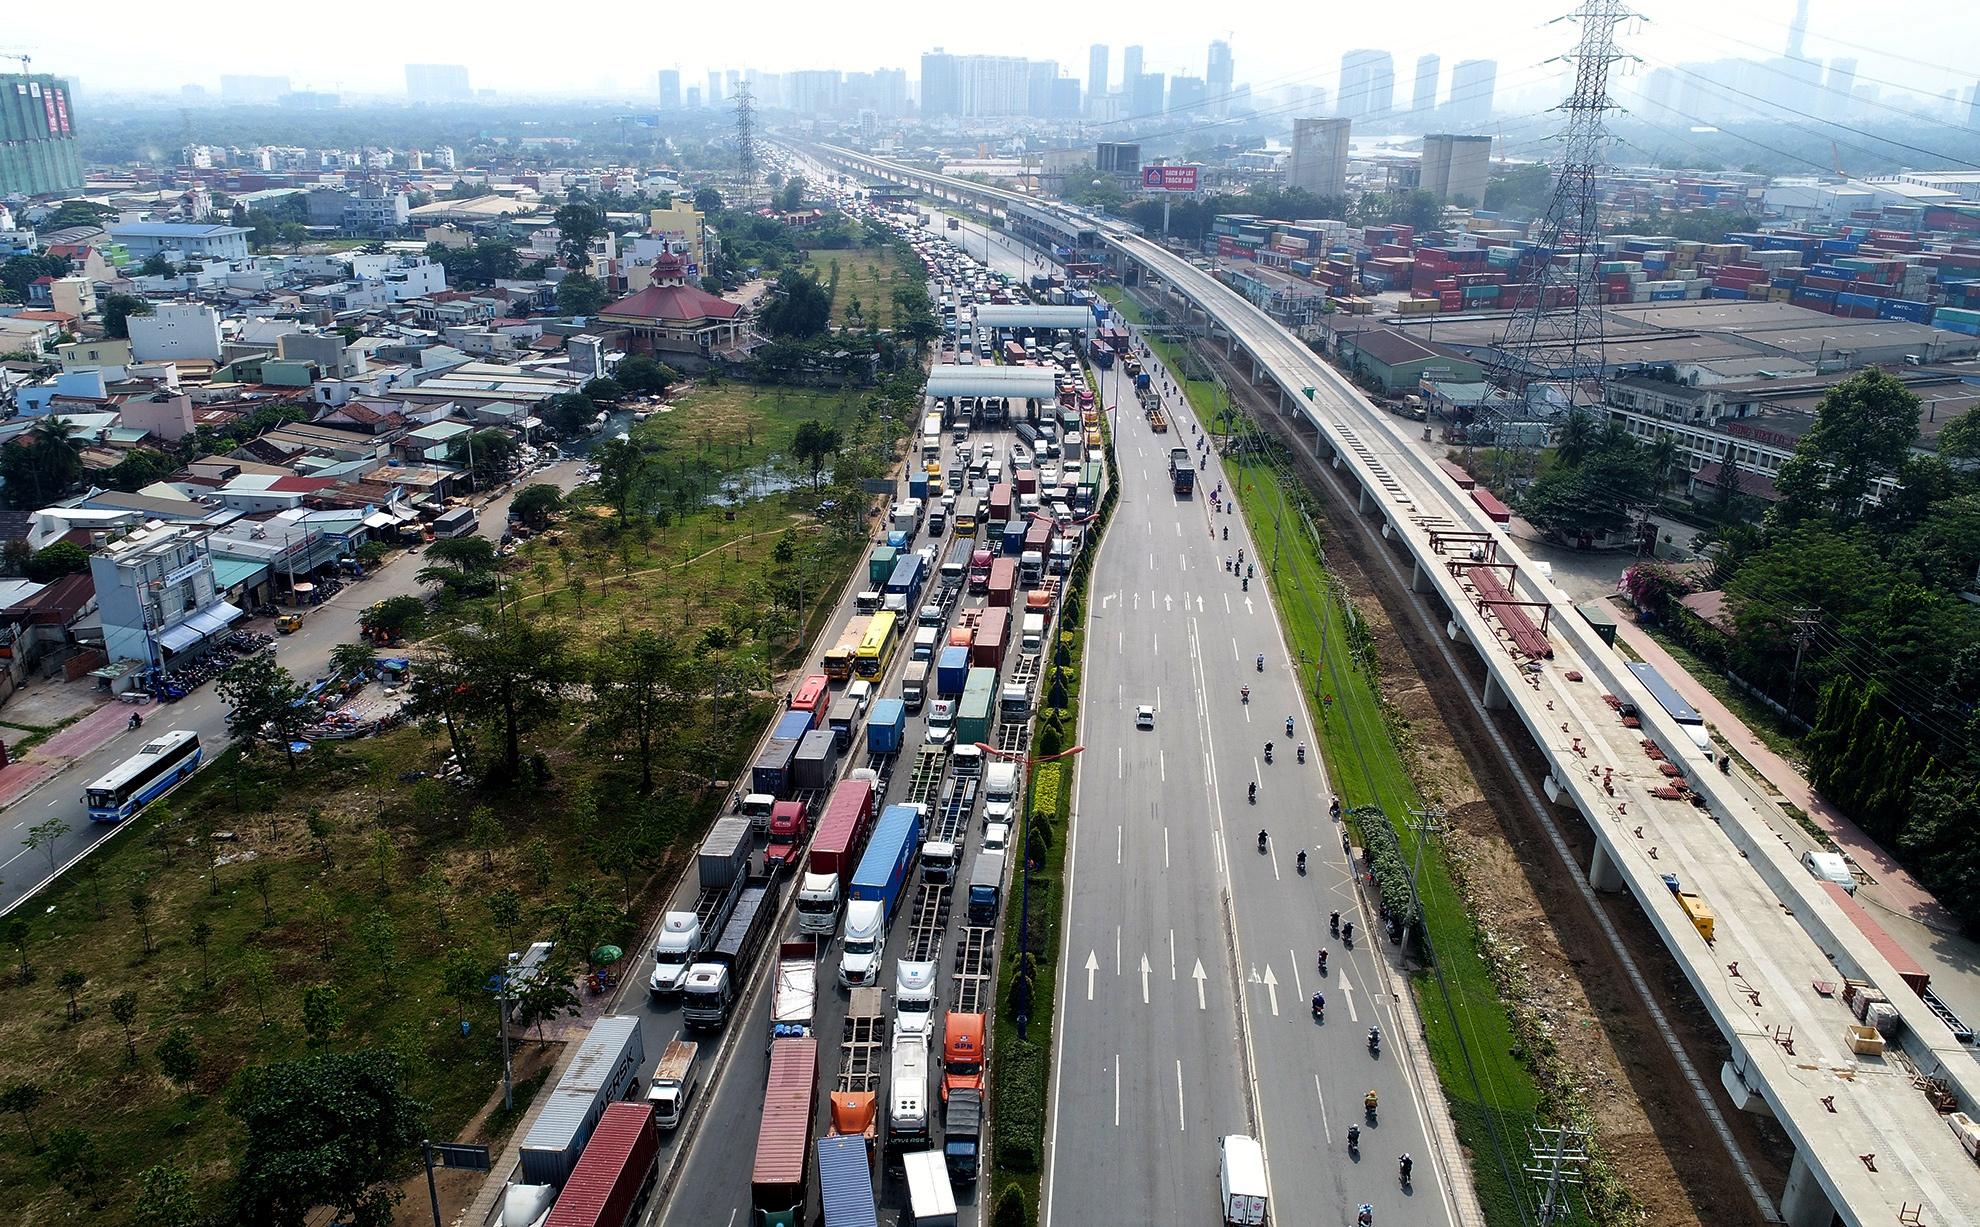 Khu Đông TP HCM bứt tốc nhờ những cú hích hạ tầng - Ảnh 10.